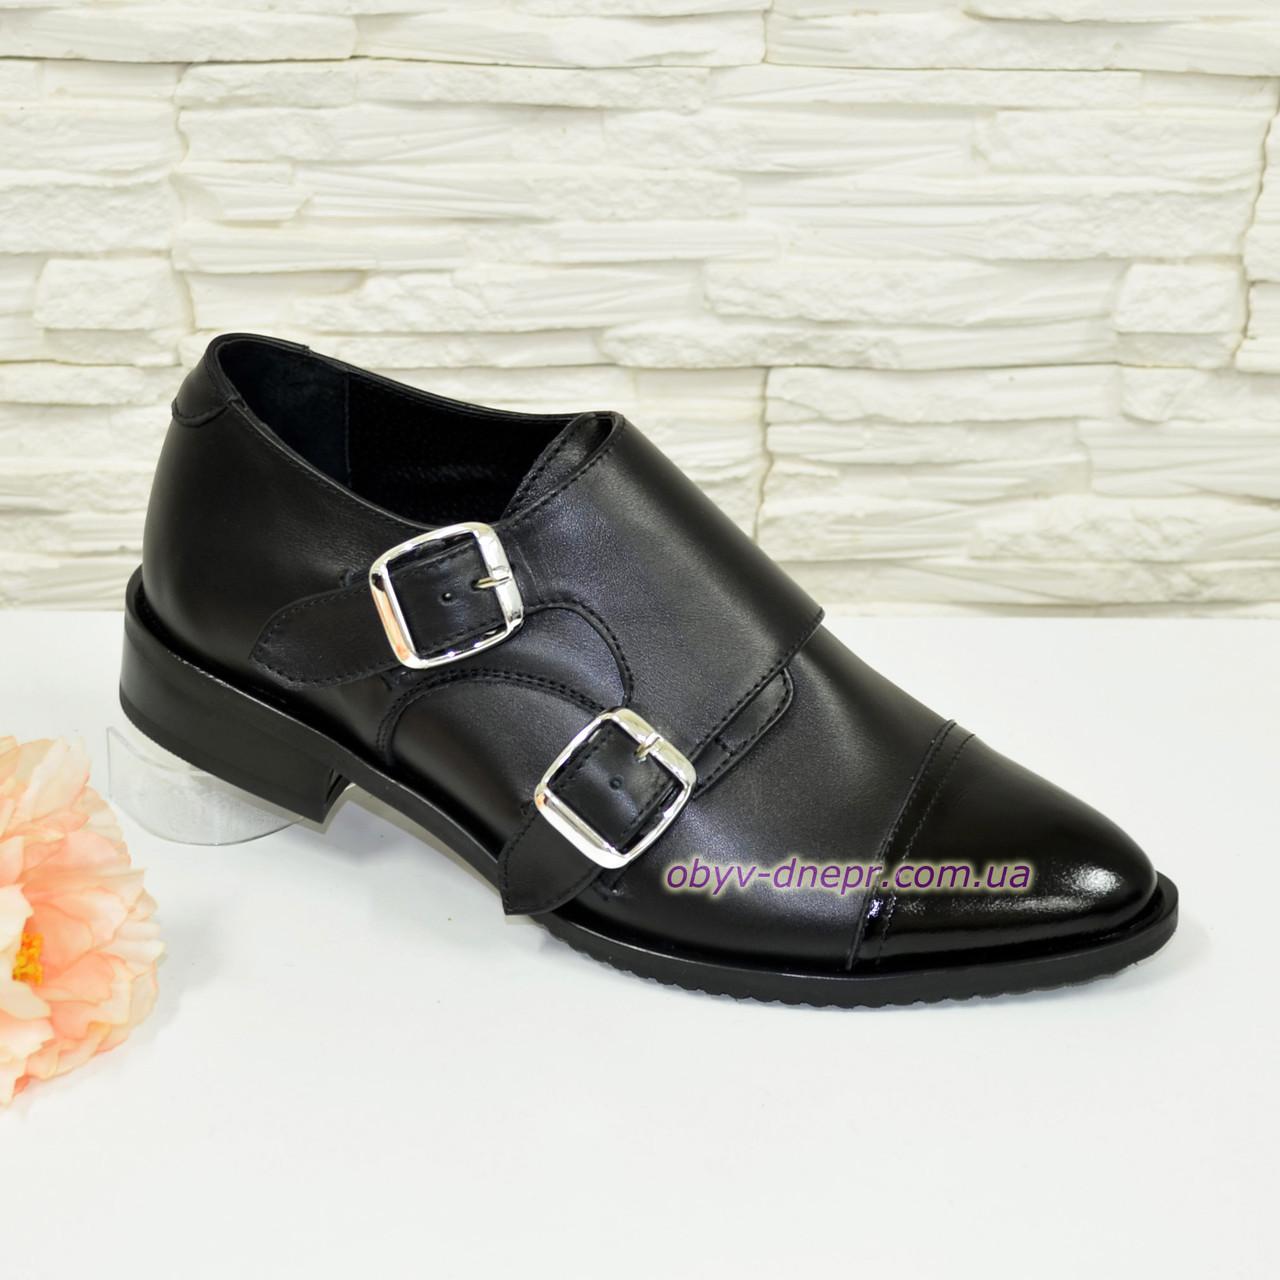 Женские черные туфли, натуральная кожа и лак. 37 размер  продажа ... e716c52b95d